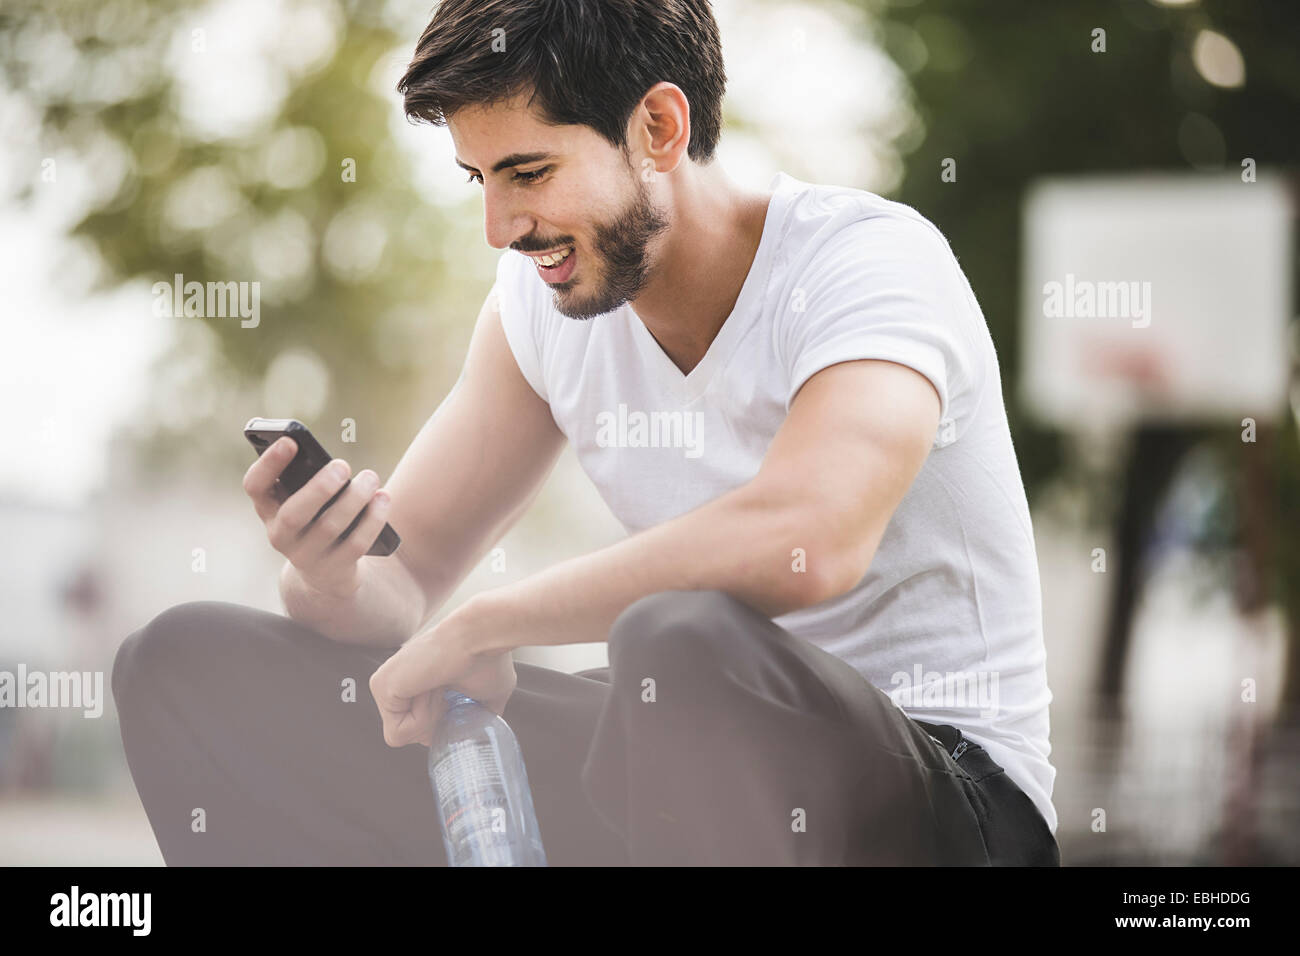 Jeune homme basket-ball la lecture de textes sur le smartphone. Photo Stock